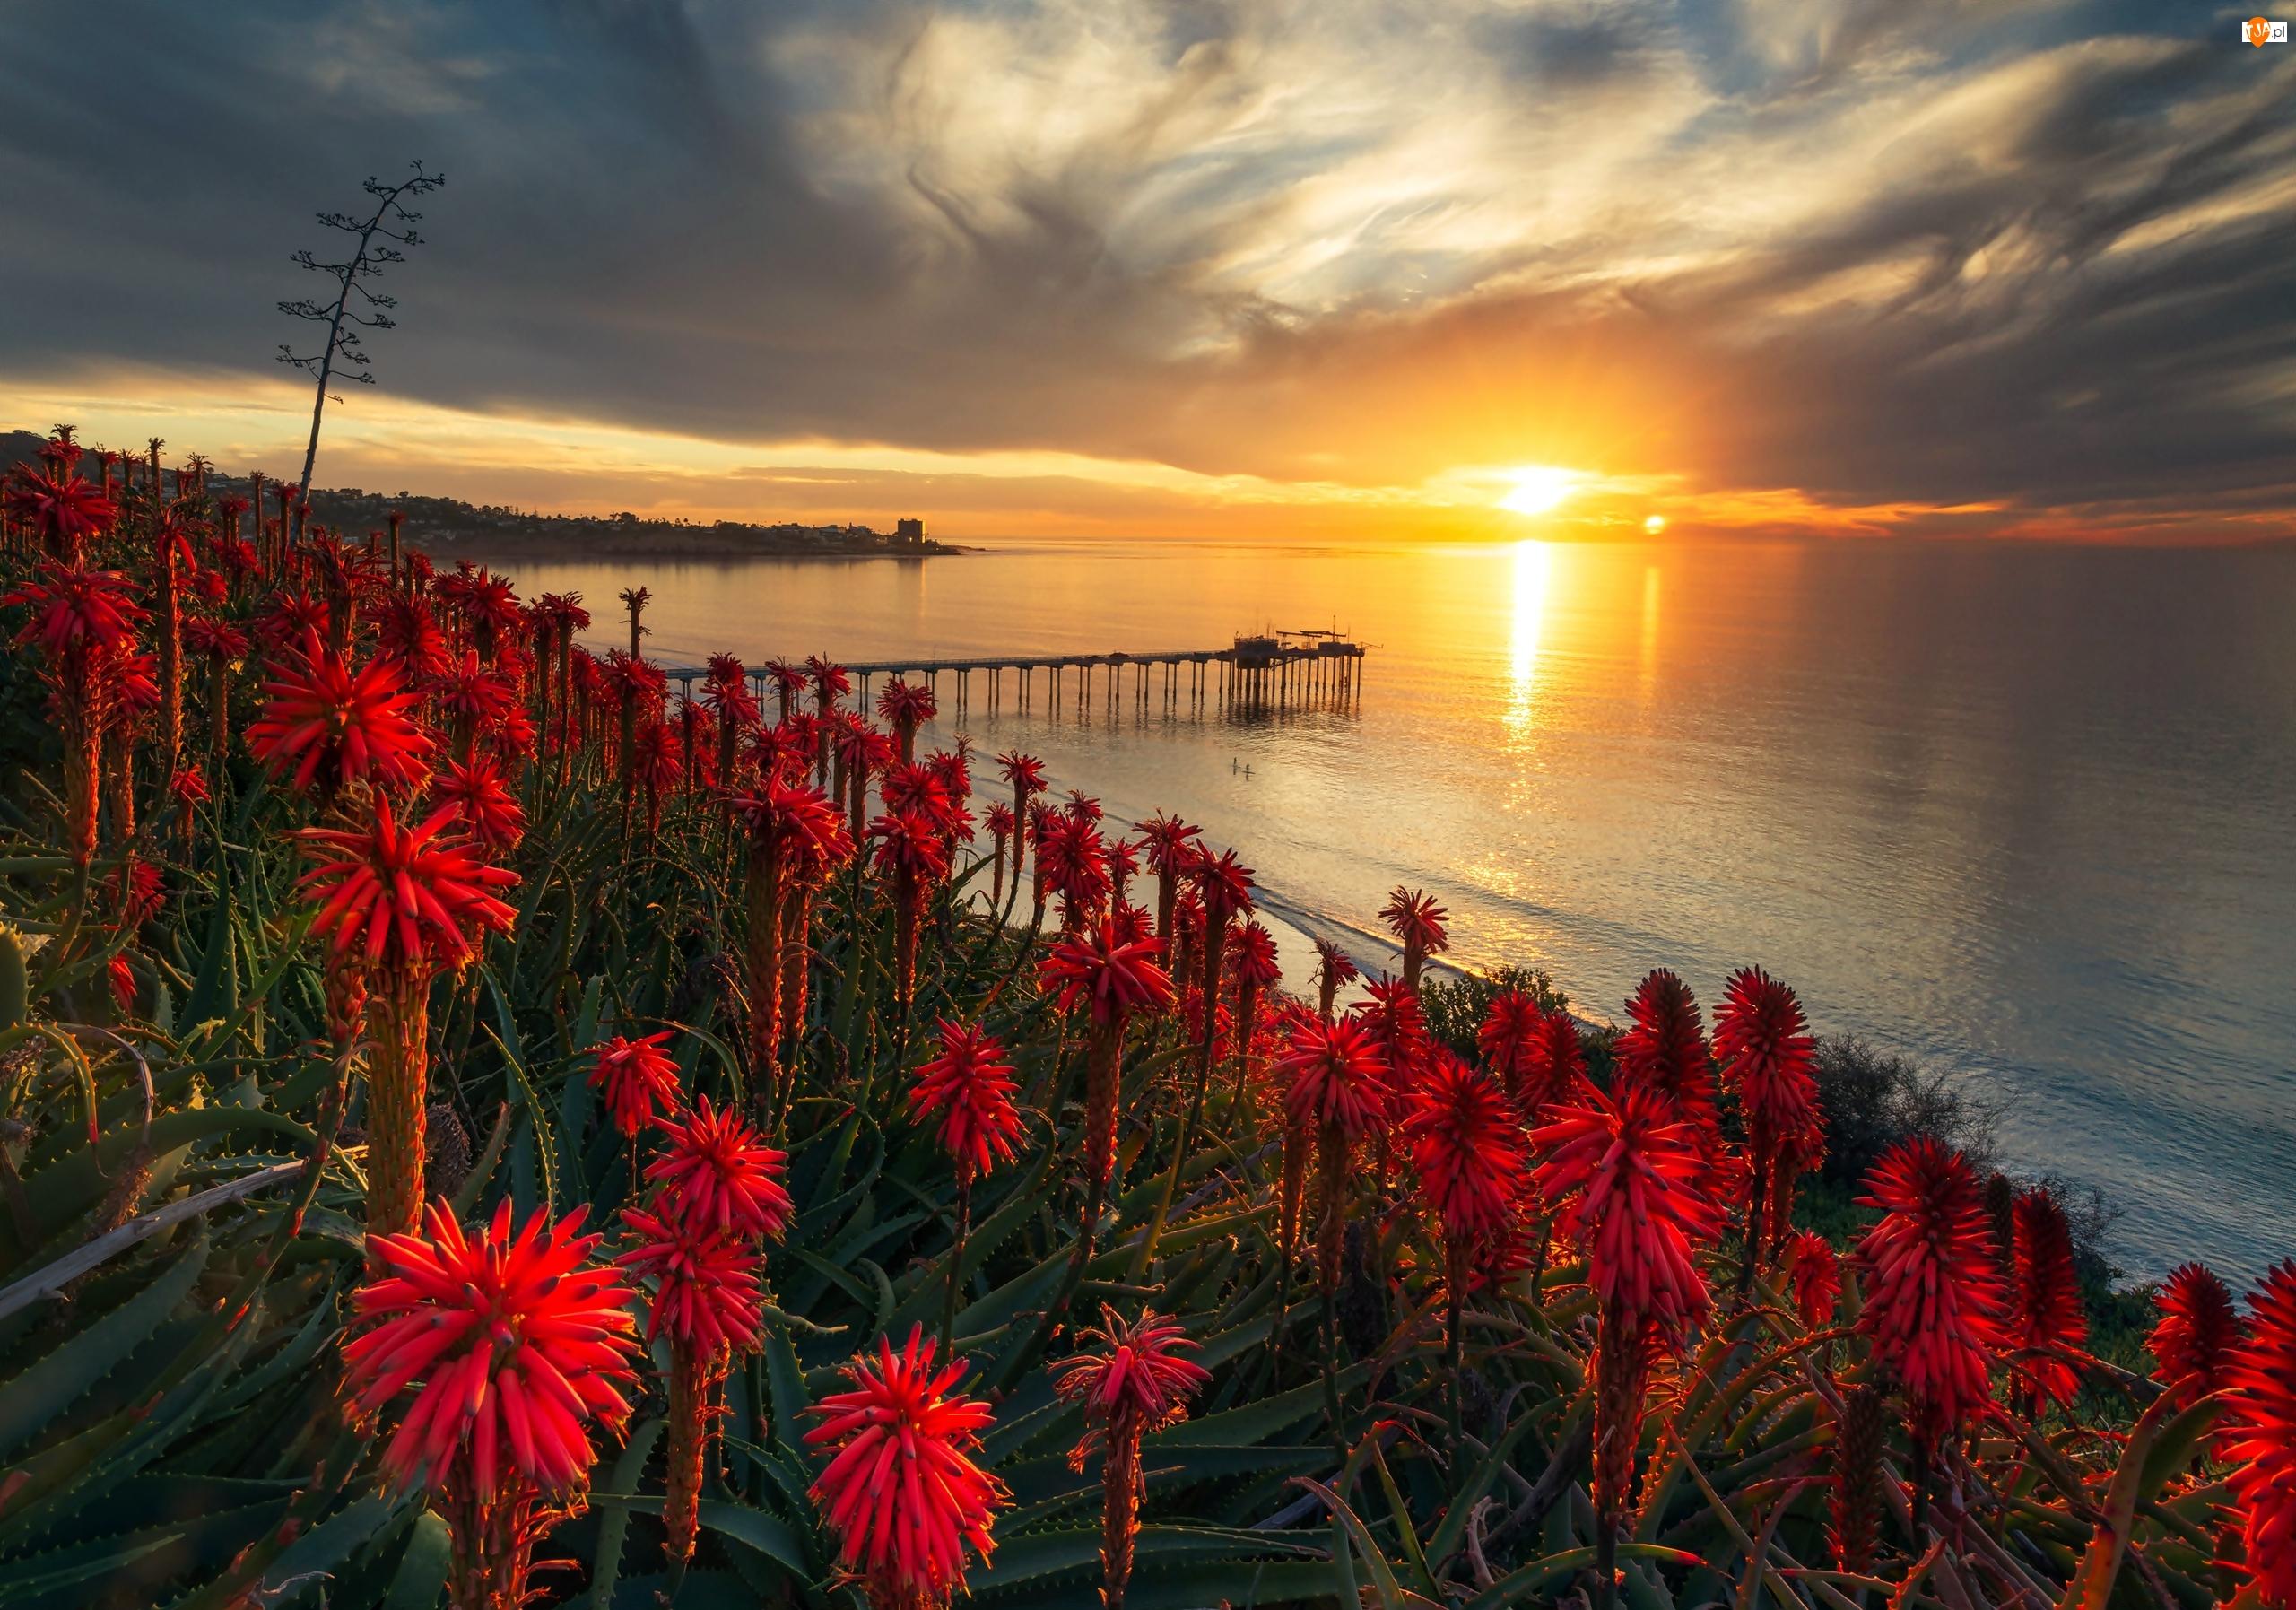 Ocean Spokojny, Molo, Stany Zjednoczone, Aloes, San Diego, Zachód słońca